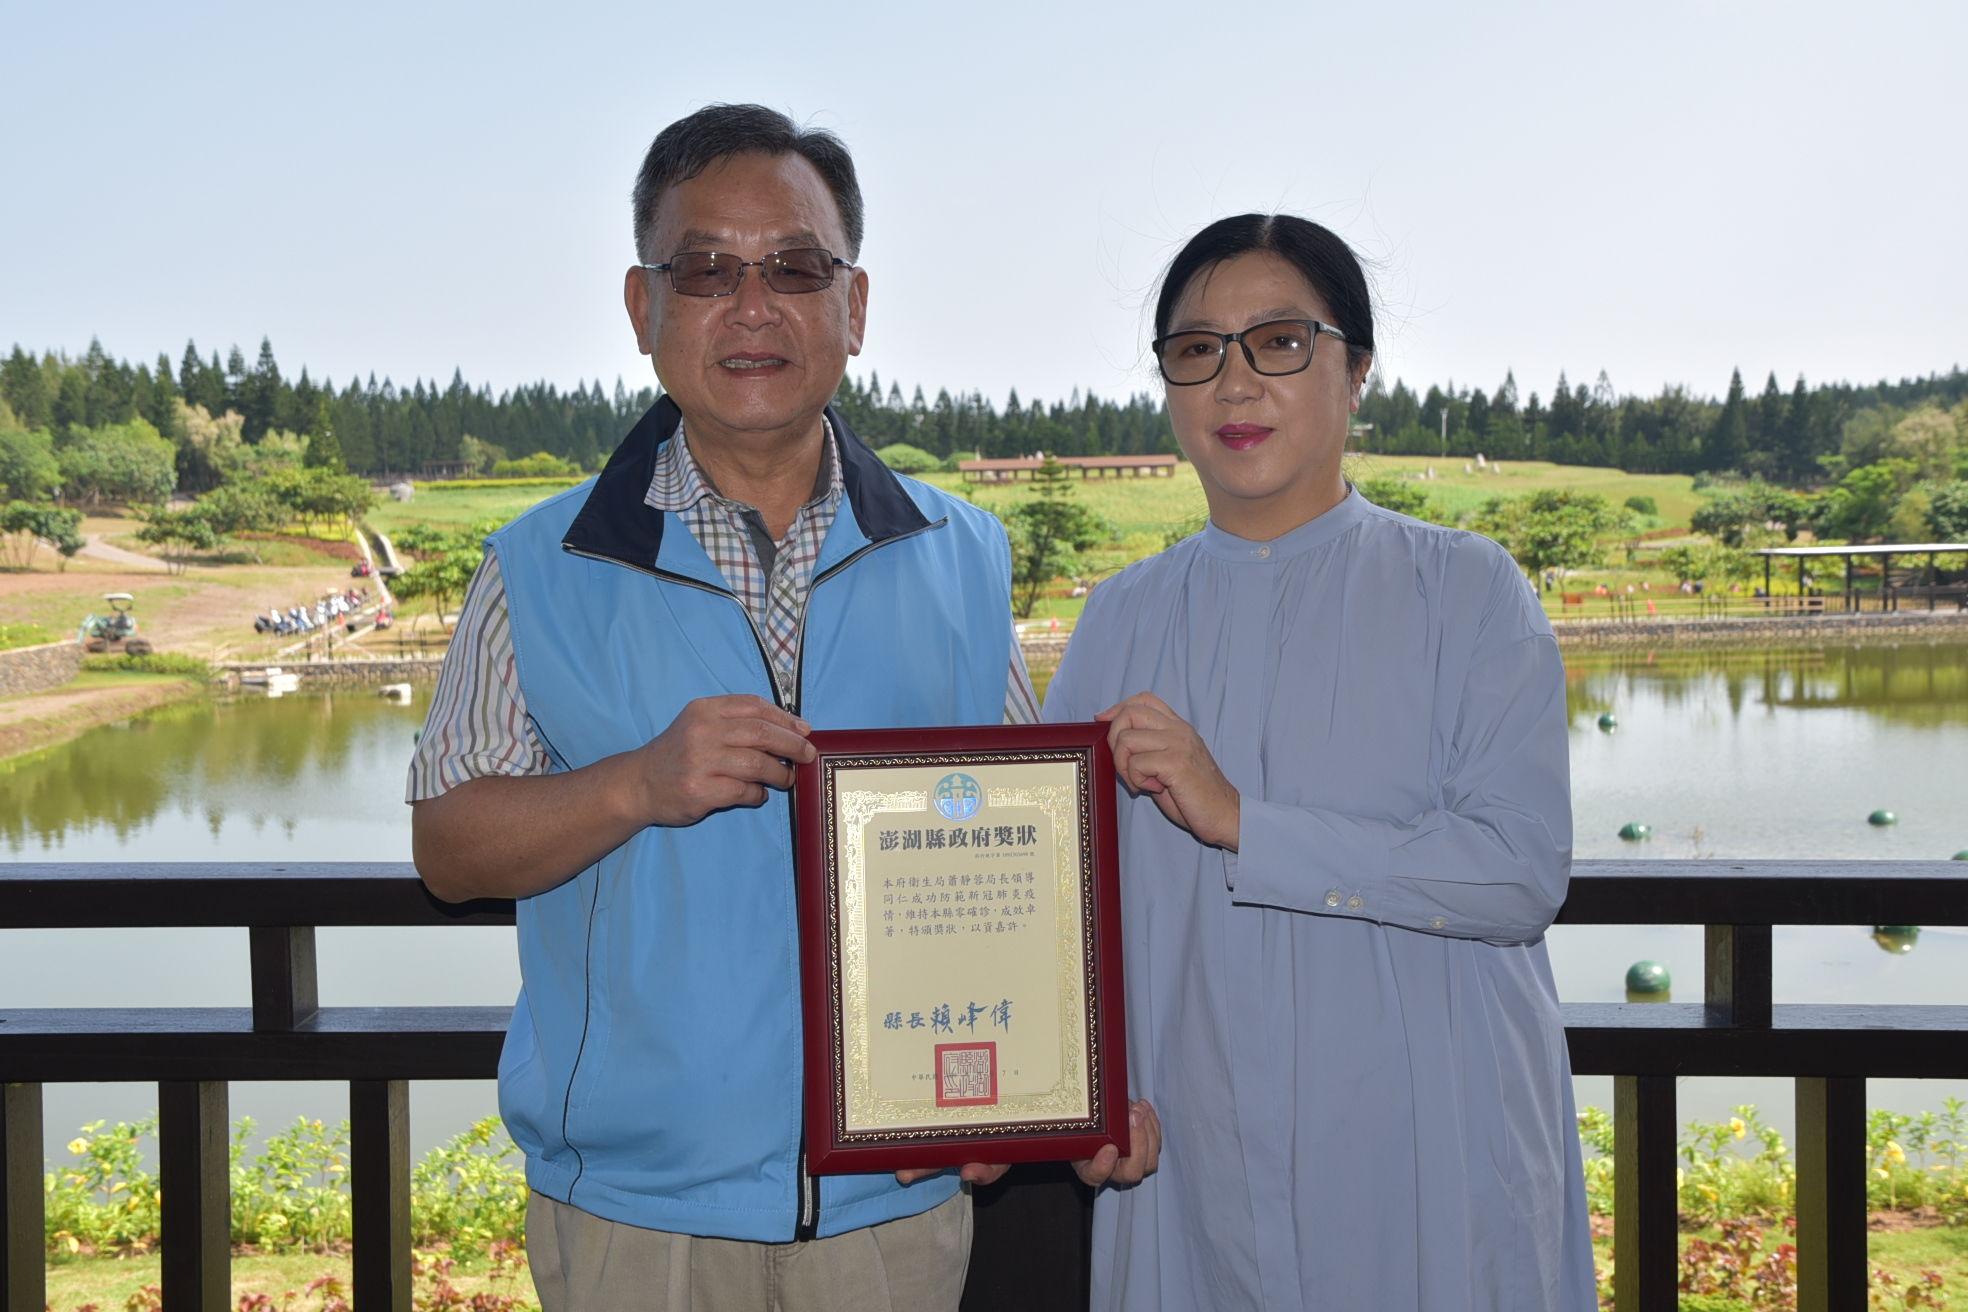 賴縣長表揚衛生局長蕭靜蓉領導衛生局人員成功防疫,維持澎湖零確診